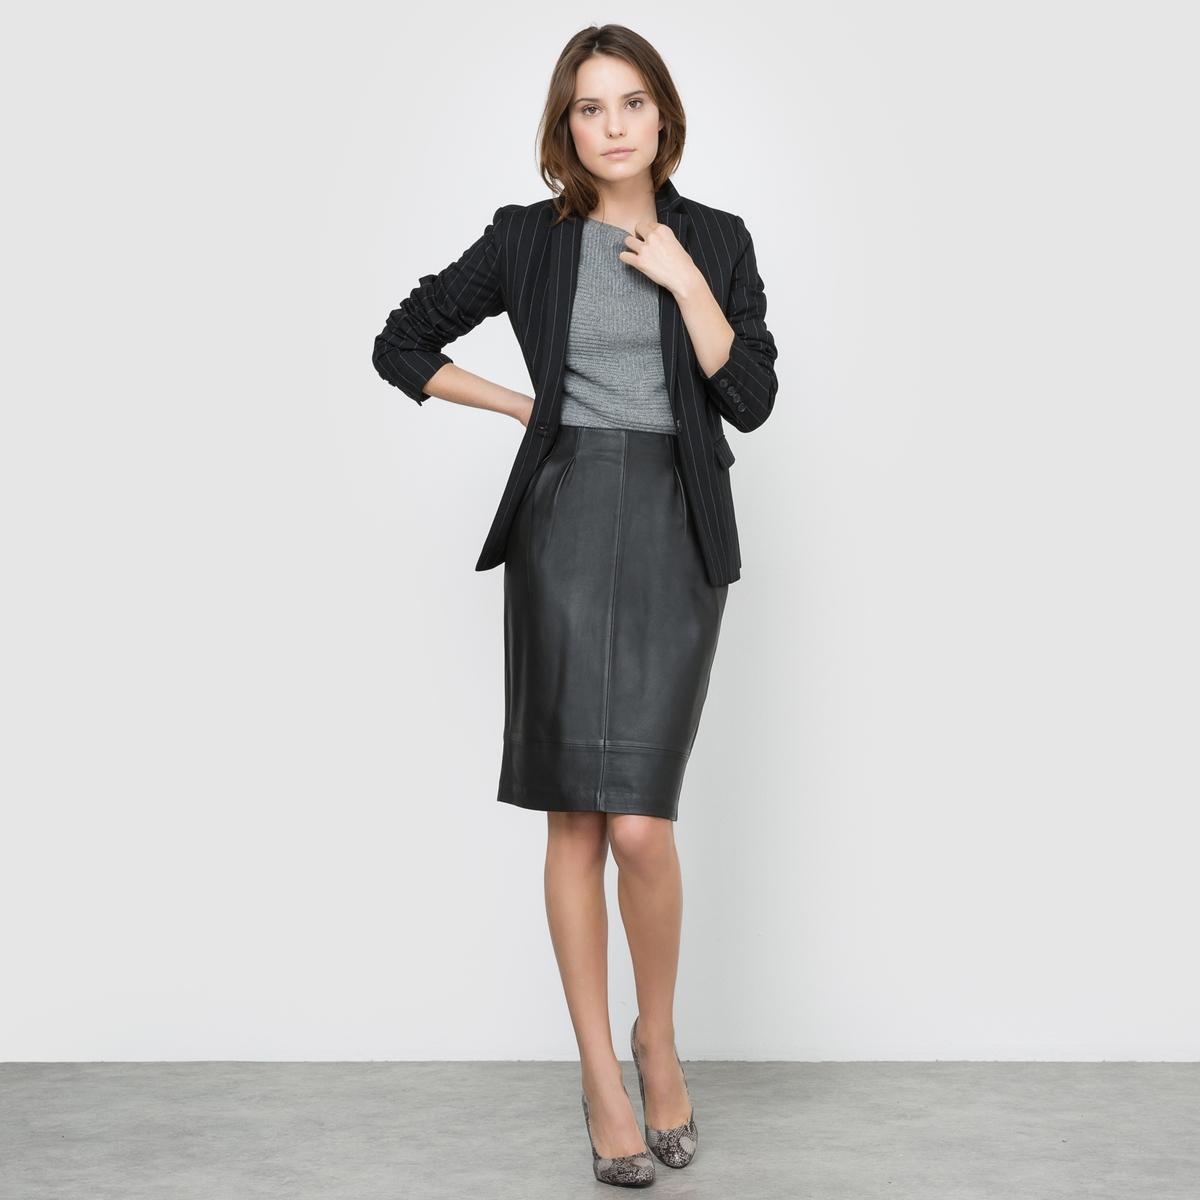 Жакет костюмный в полоскуЖакет костюмный в полоску. Костюмный воротник с небольшими отворотами. Застежка на пуговицу . Длинные рукава и манжеты с застежкой на пуговицы. 2 прорезных кармана с клапаном. На подкладке. Состав и описаниеМарка : Atelier RДлина : 65 смМатериал : Куртка 80% полиэстера, 18% вискозы, 2% эластана - Подкладка 100% полиэстераУходСухая чистка Гладить при низкой температуре с изнаночной стороны<br><br>Цвет: в полоску<br>Размер: 50 (FR) - 56 (RUS).48 (FR) - 54 (RUS).44 (FR) - 50 (RUS).42 (FR) - 48 (RUS)